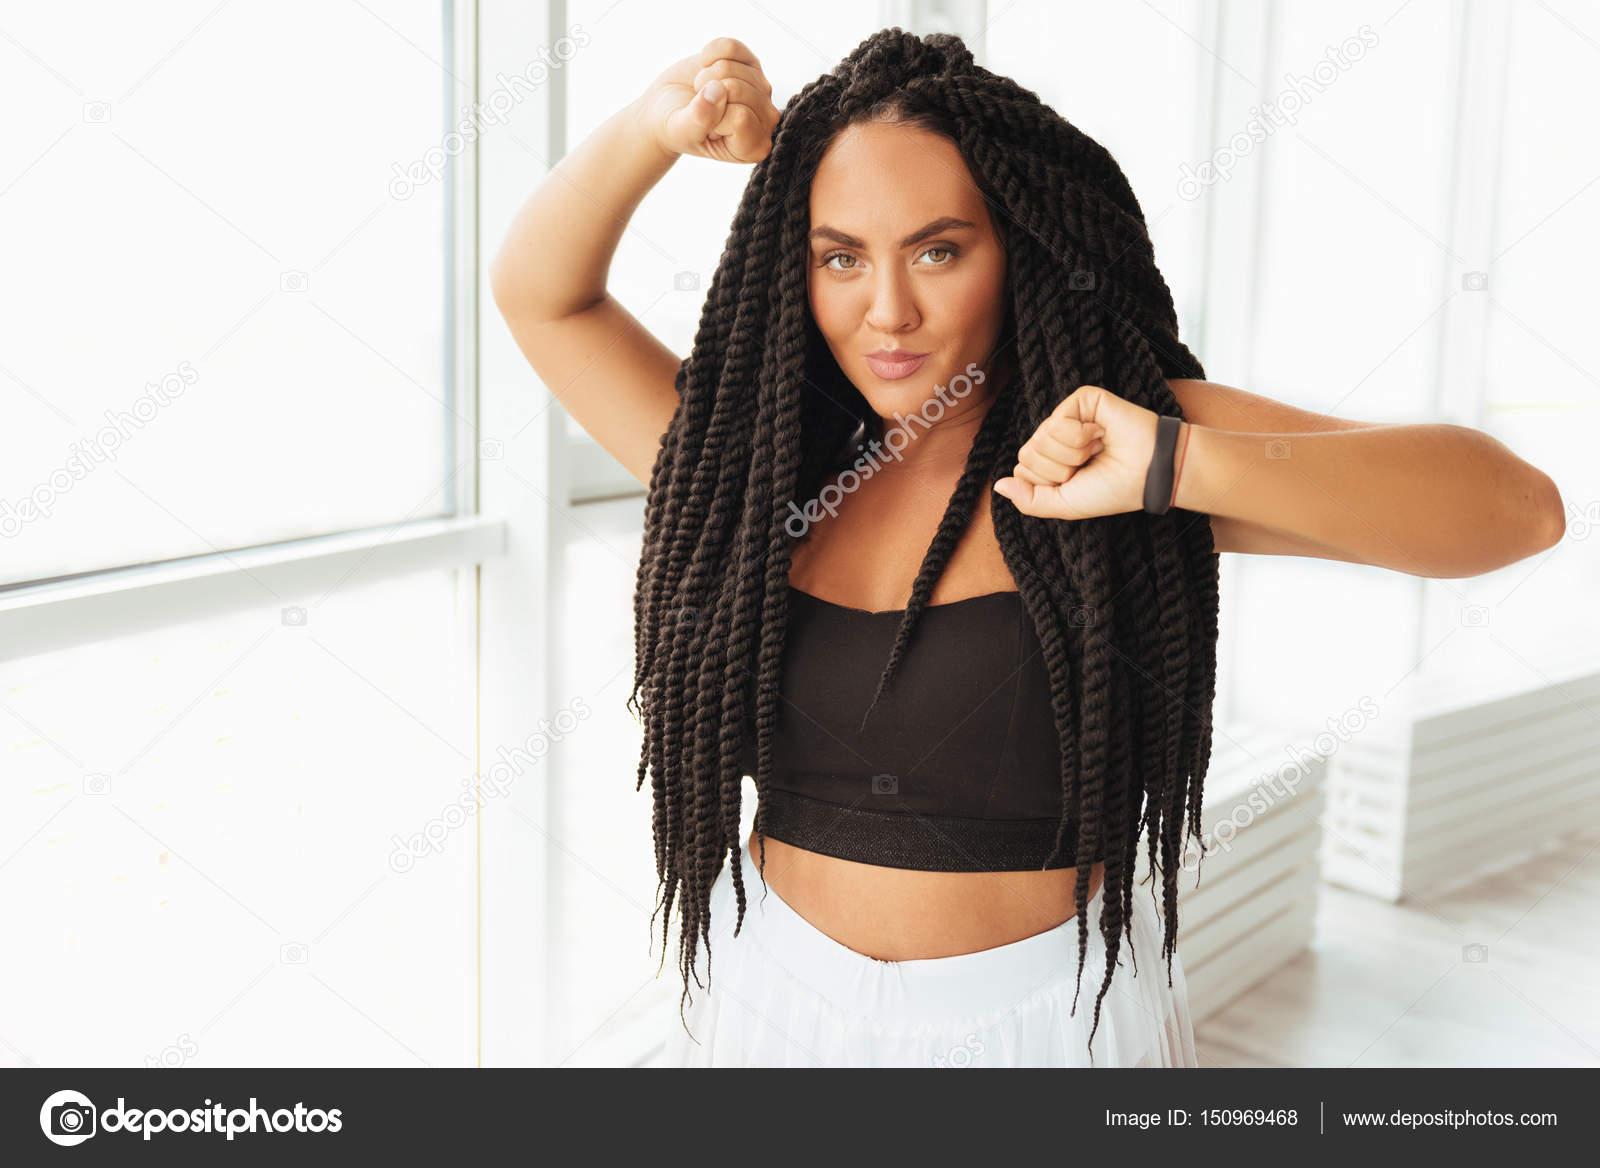 1b75bc2672c2d4 Випромінює впевненість. Спокусливі молодих дамі привабливий позують для  фотографа, у той час як носити деякий зручний спортивний одяг і  практикуючих її ...